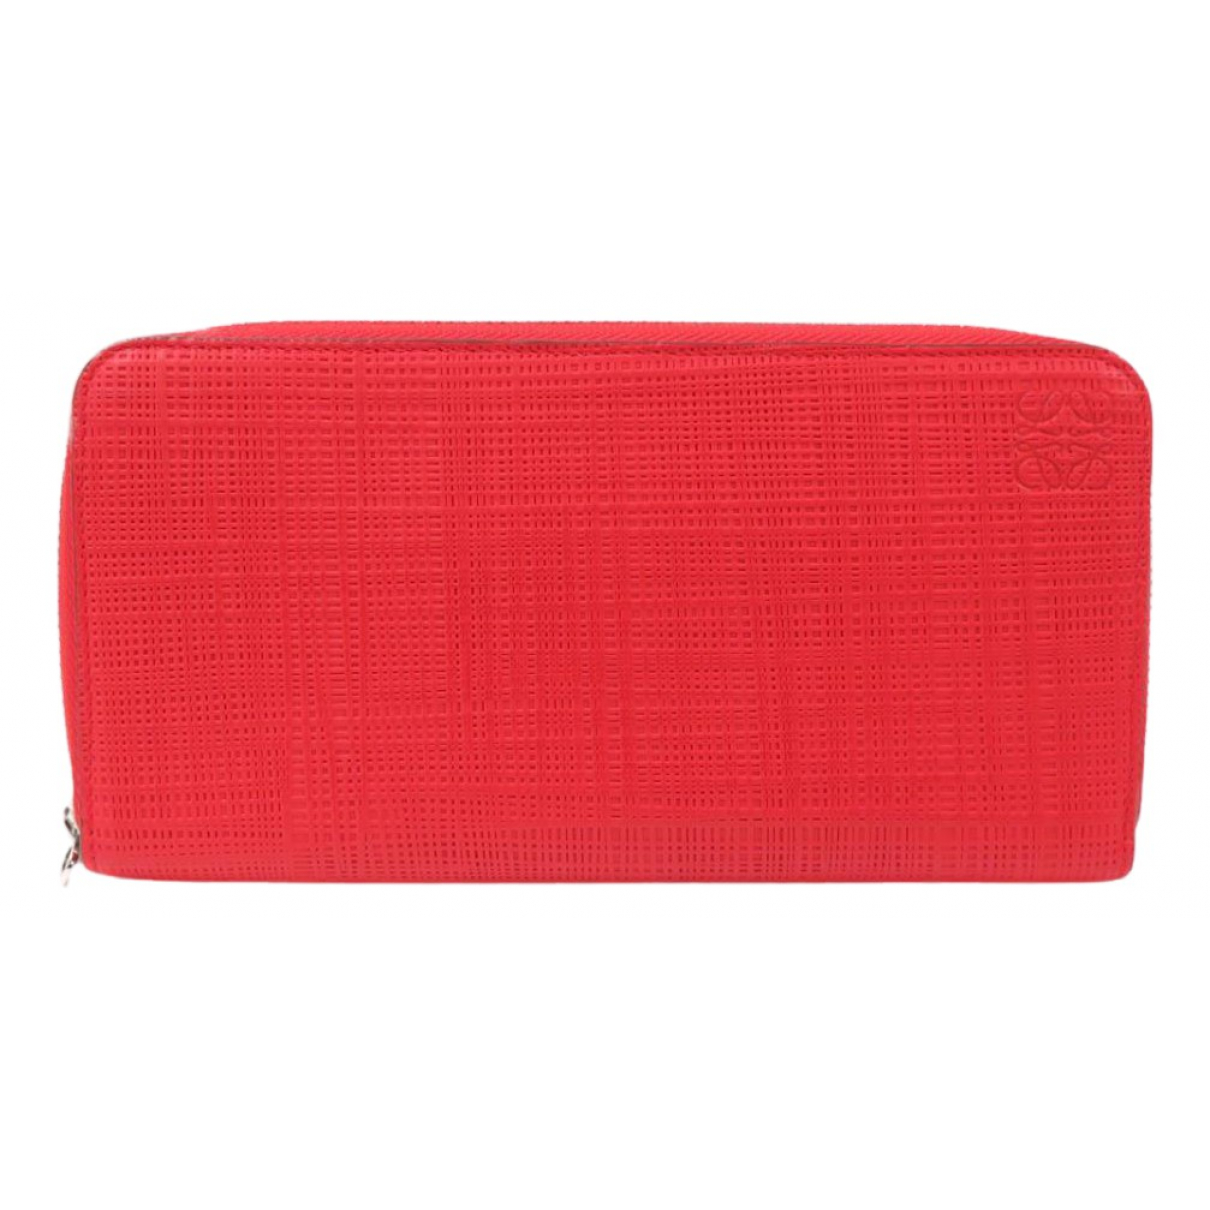 Loewe \N Portemonnaie in  Rot Leder